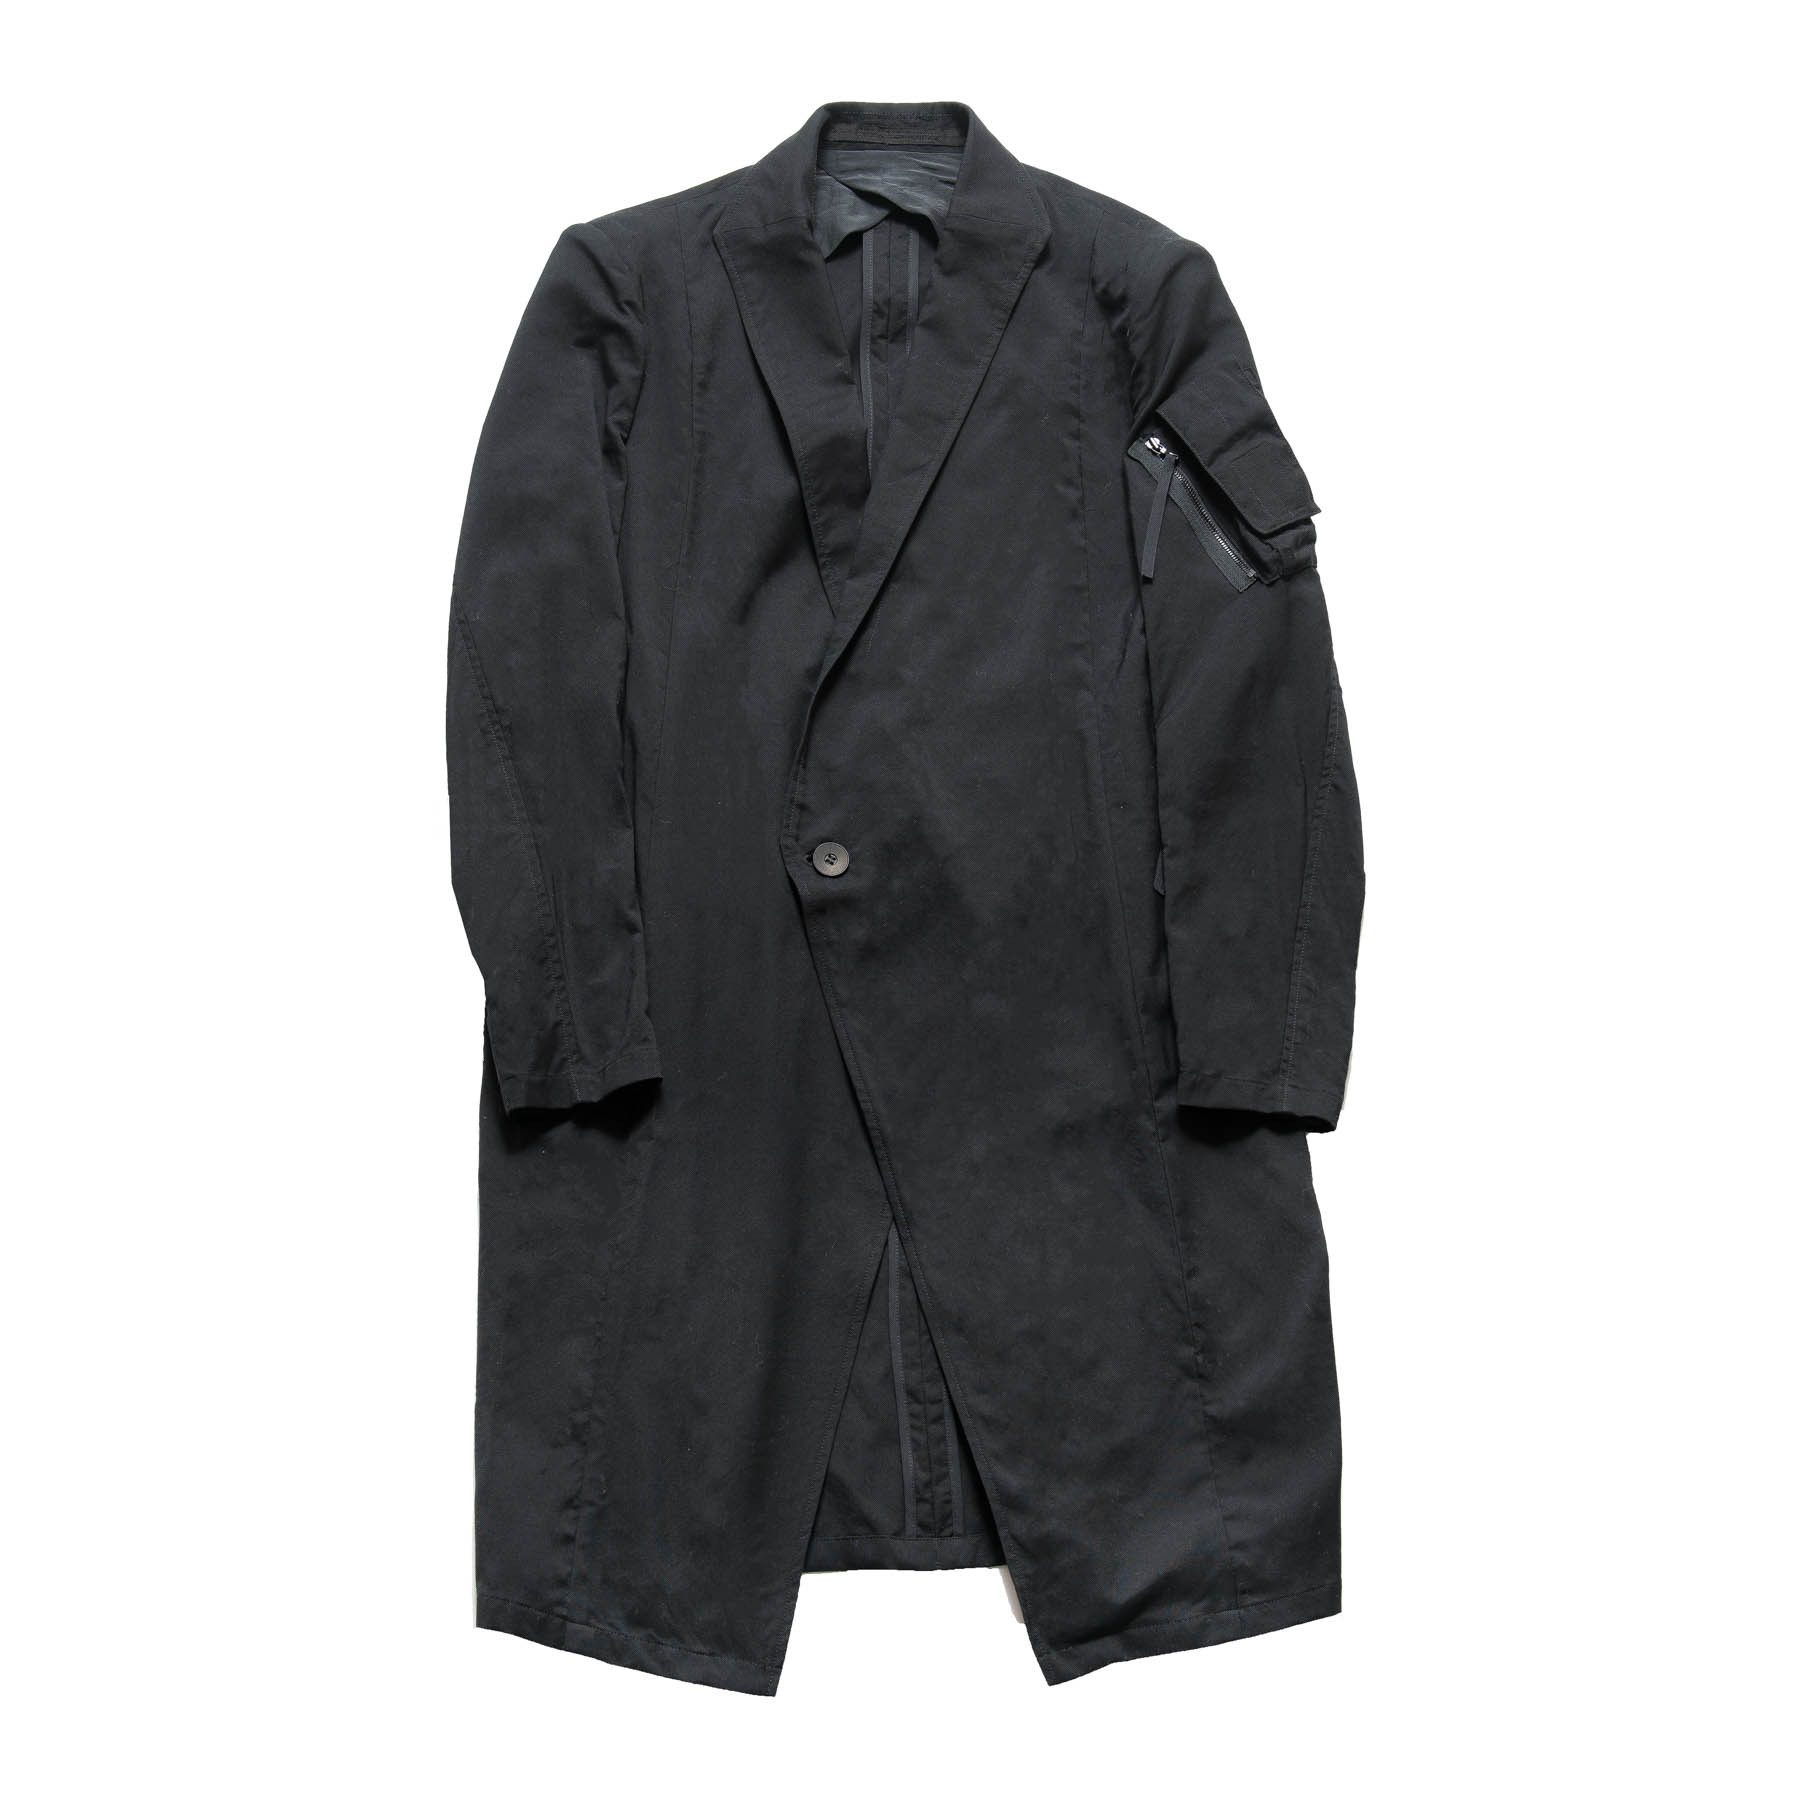 617JAM3-BLACK / トレンチテーラードジャケット